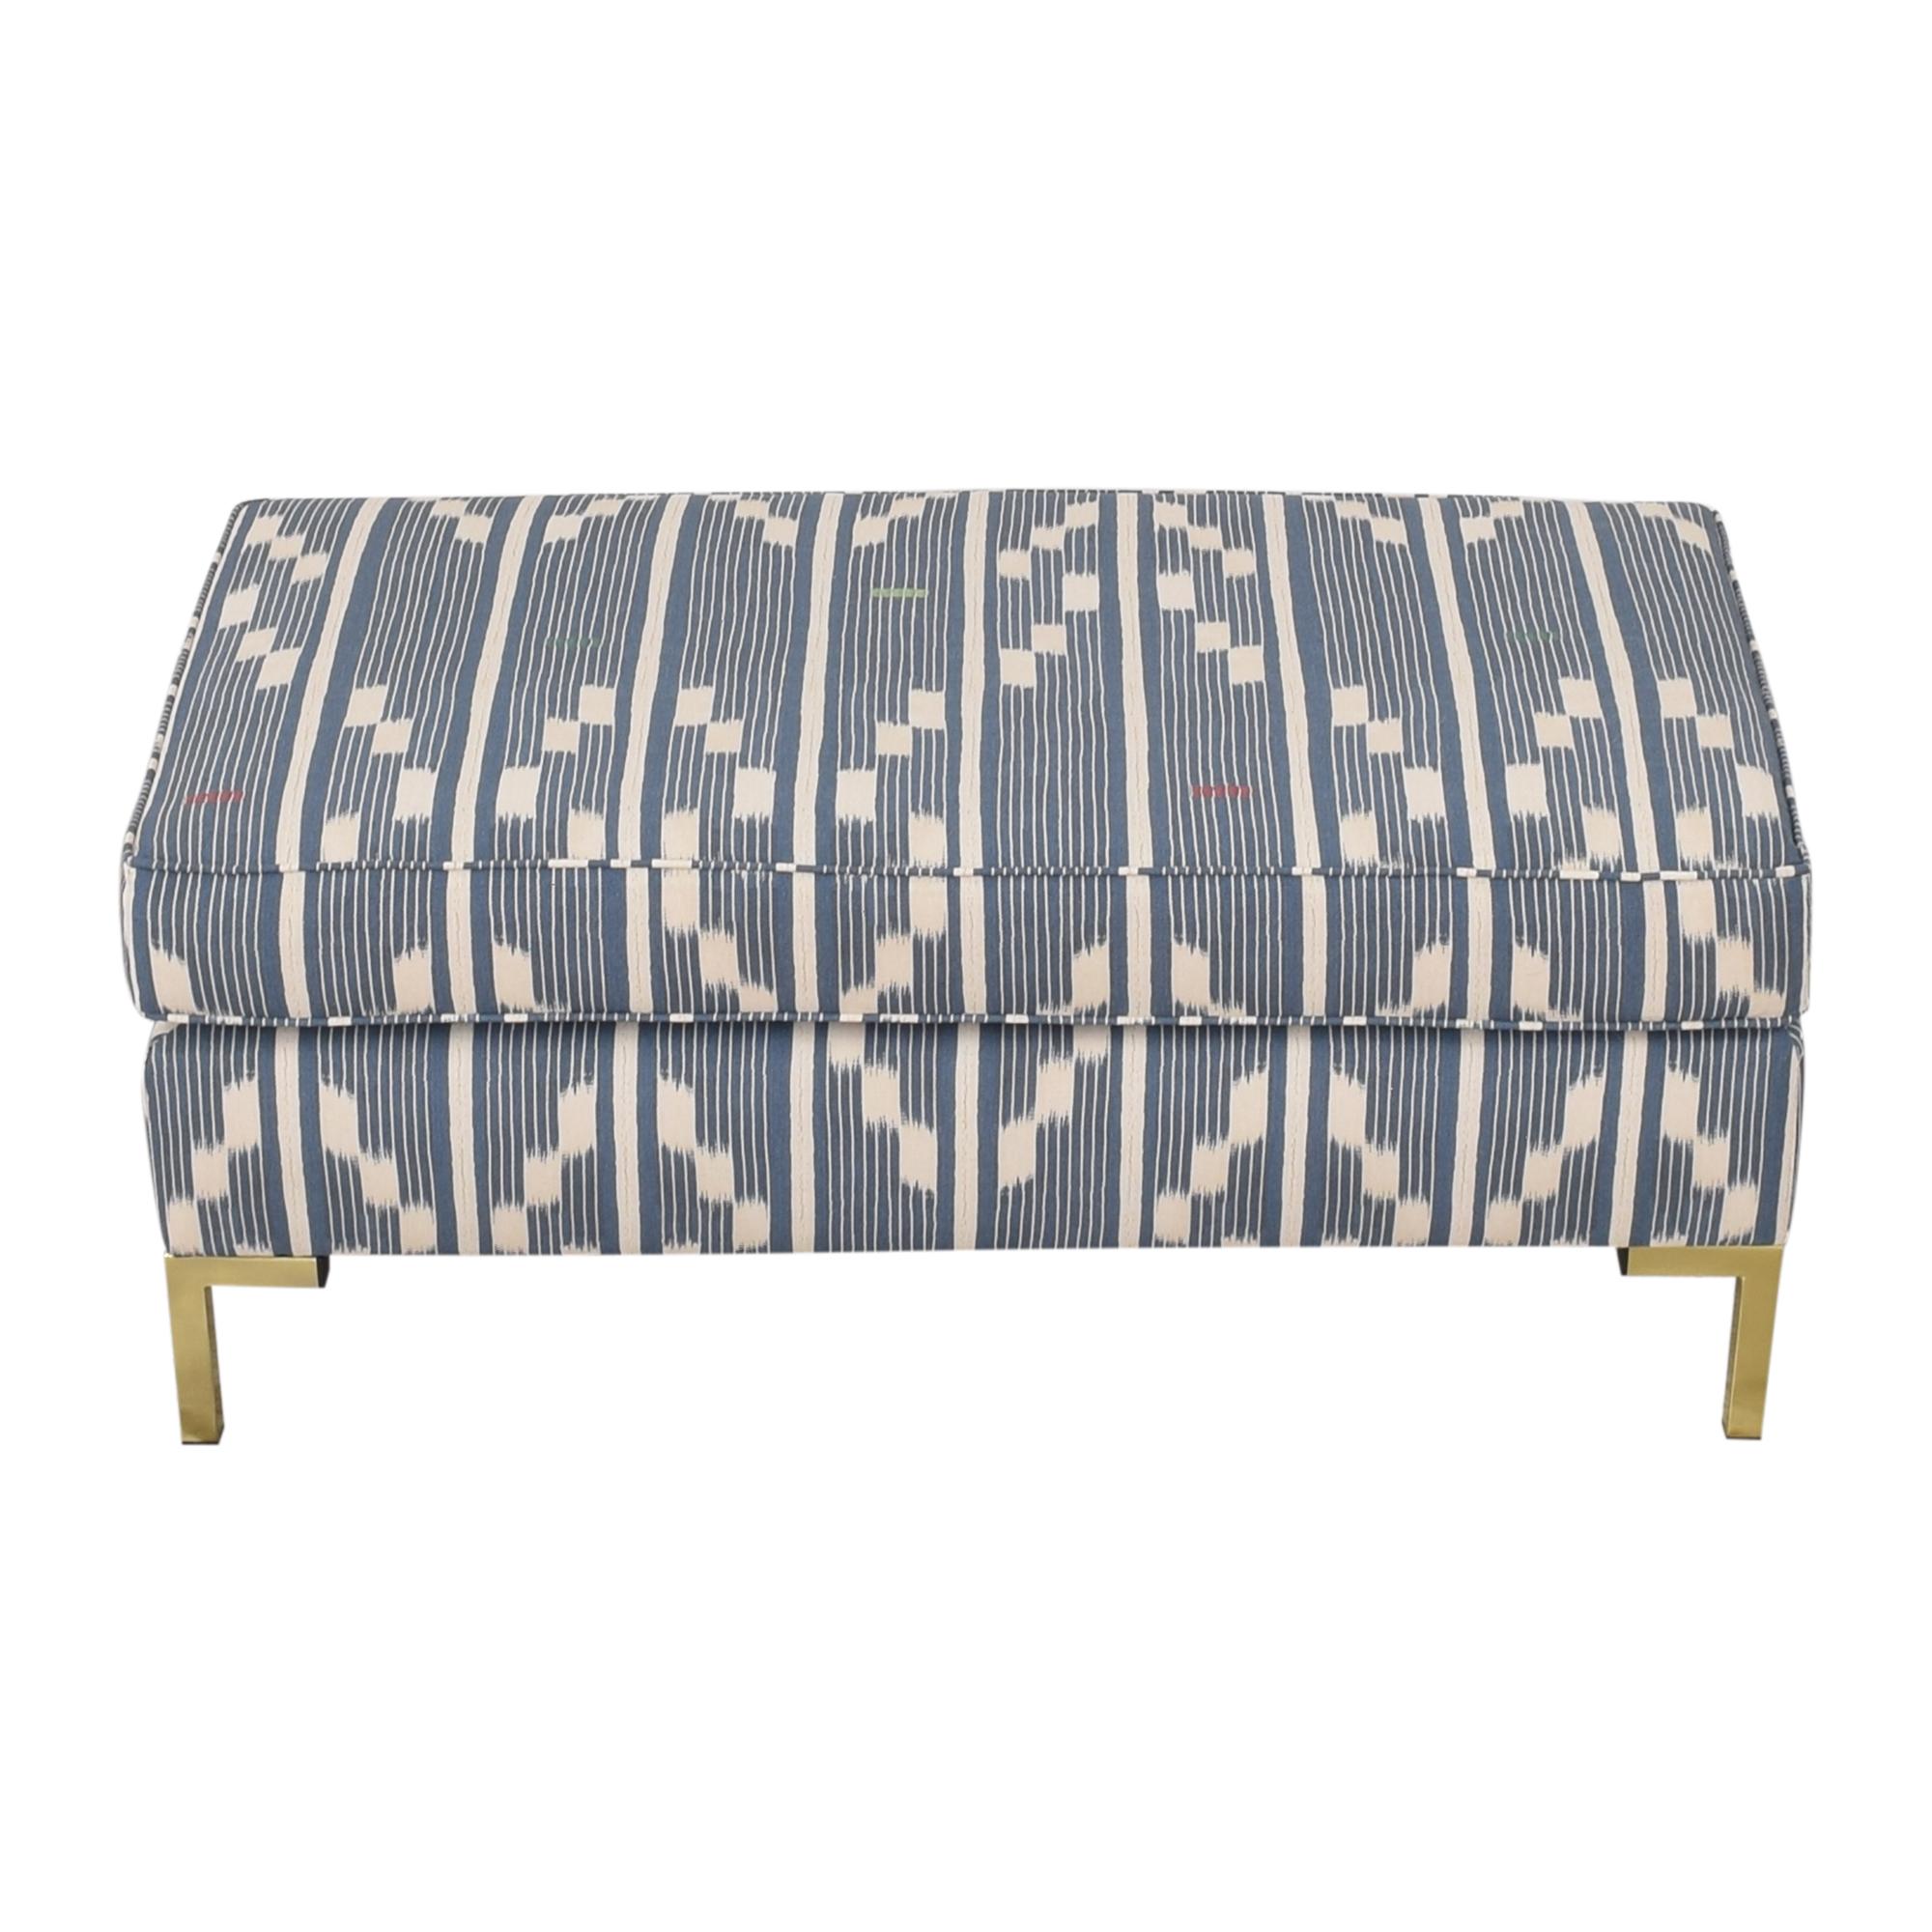 The Inside Modern Bench in Linea Ikat sale